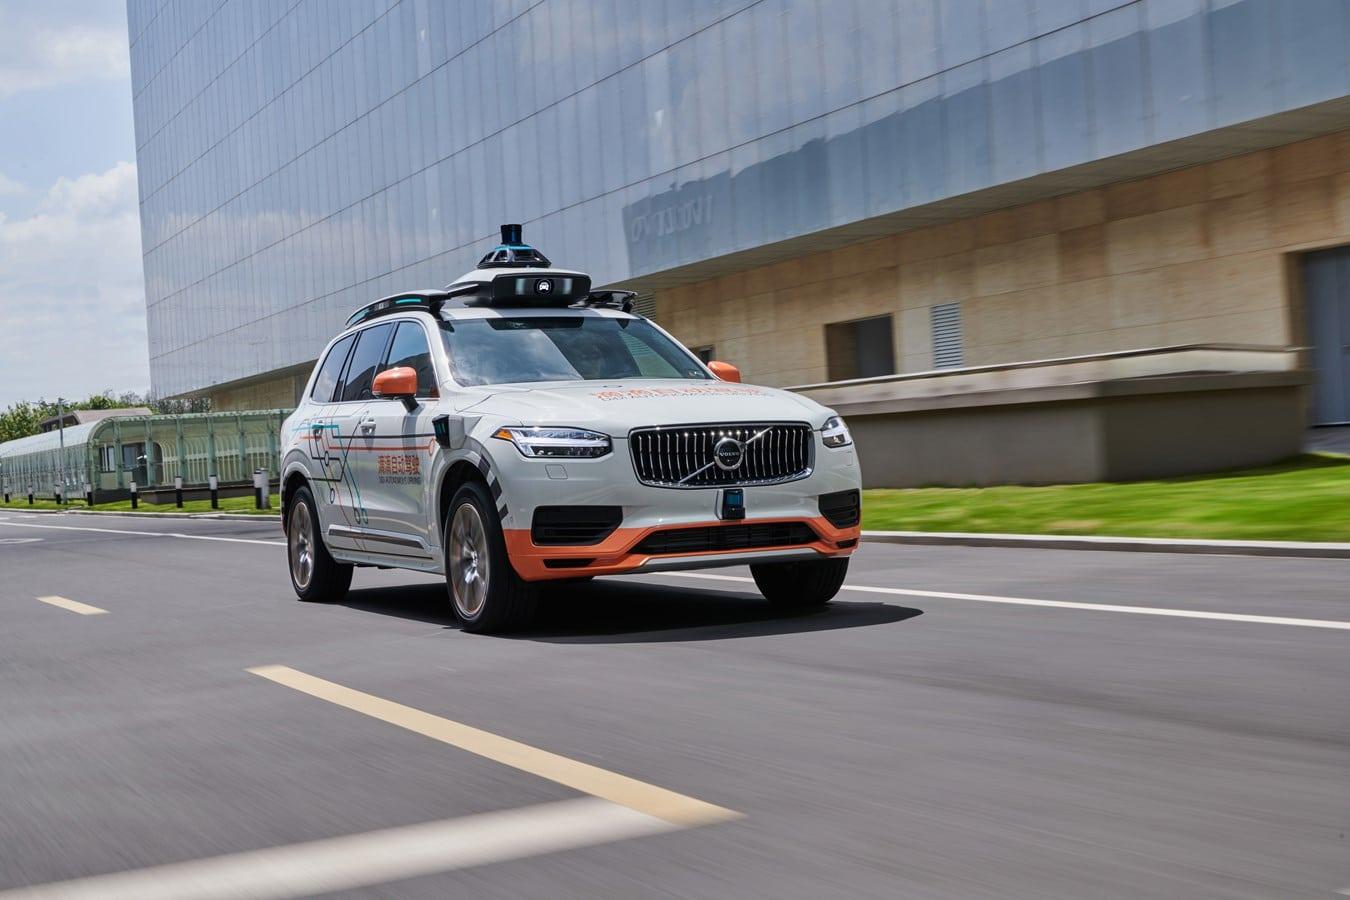 DiDi usará vehículos Volvo en su flota de robotaxis del futuro